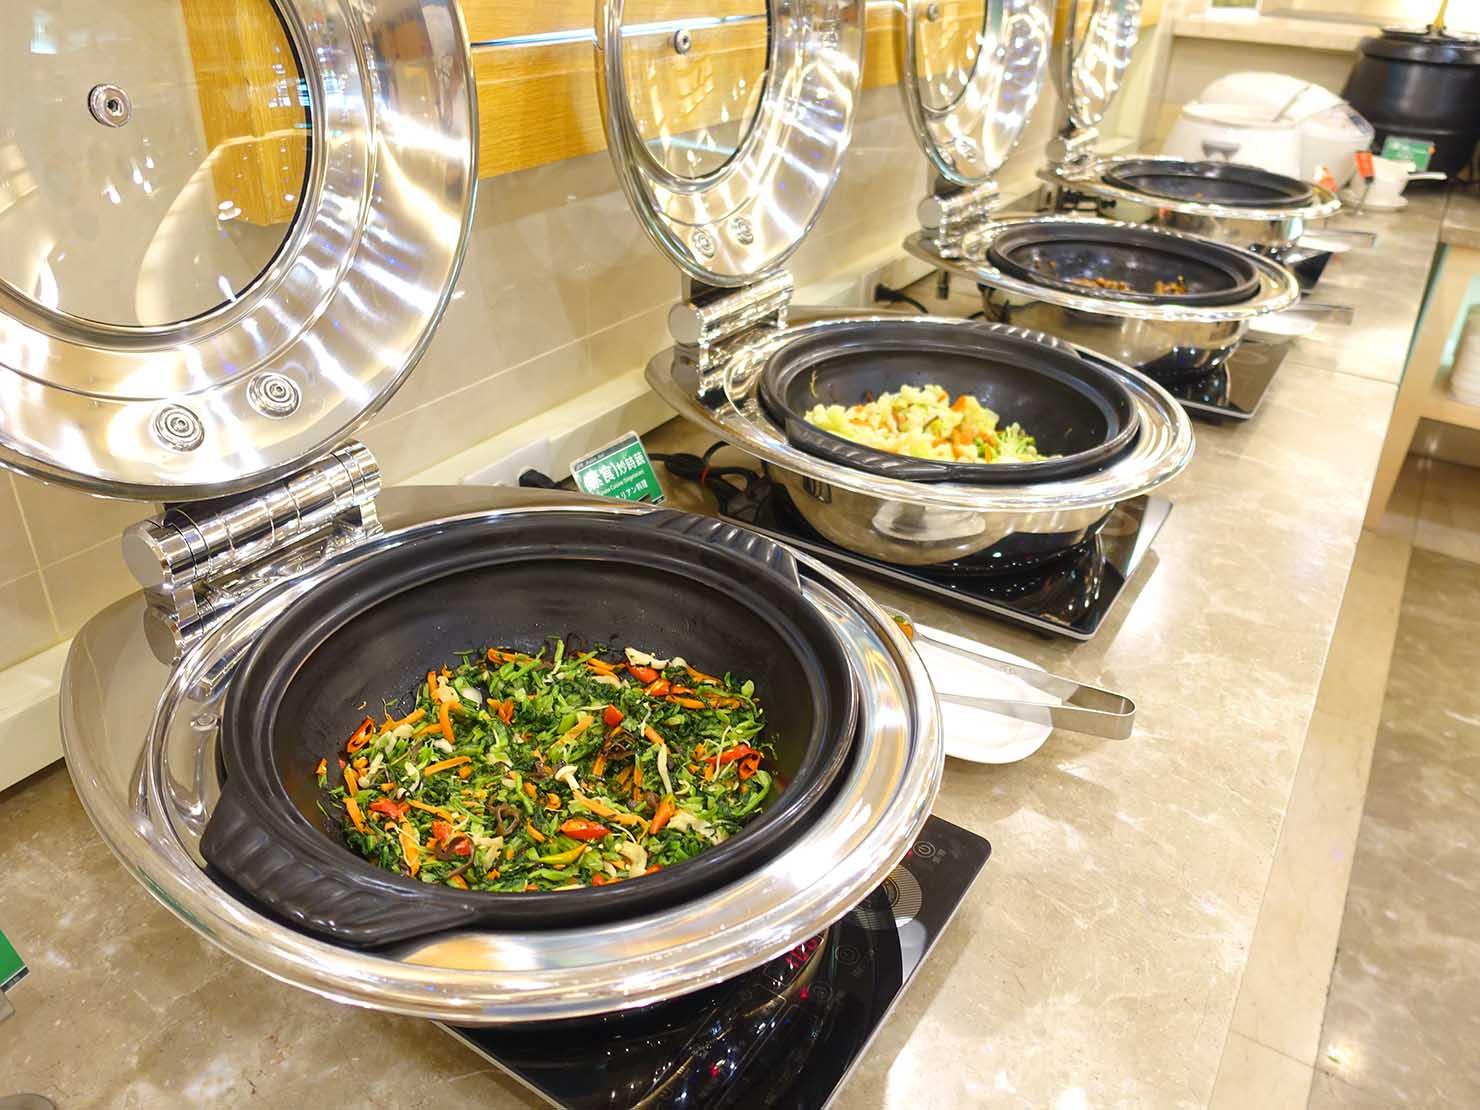 高雄のおすすめチェーンホテル「康橋商旅 Kindness Hotel(漢神館)」朝食ビュッフェのお料理